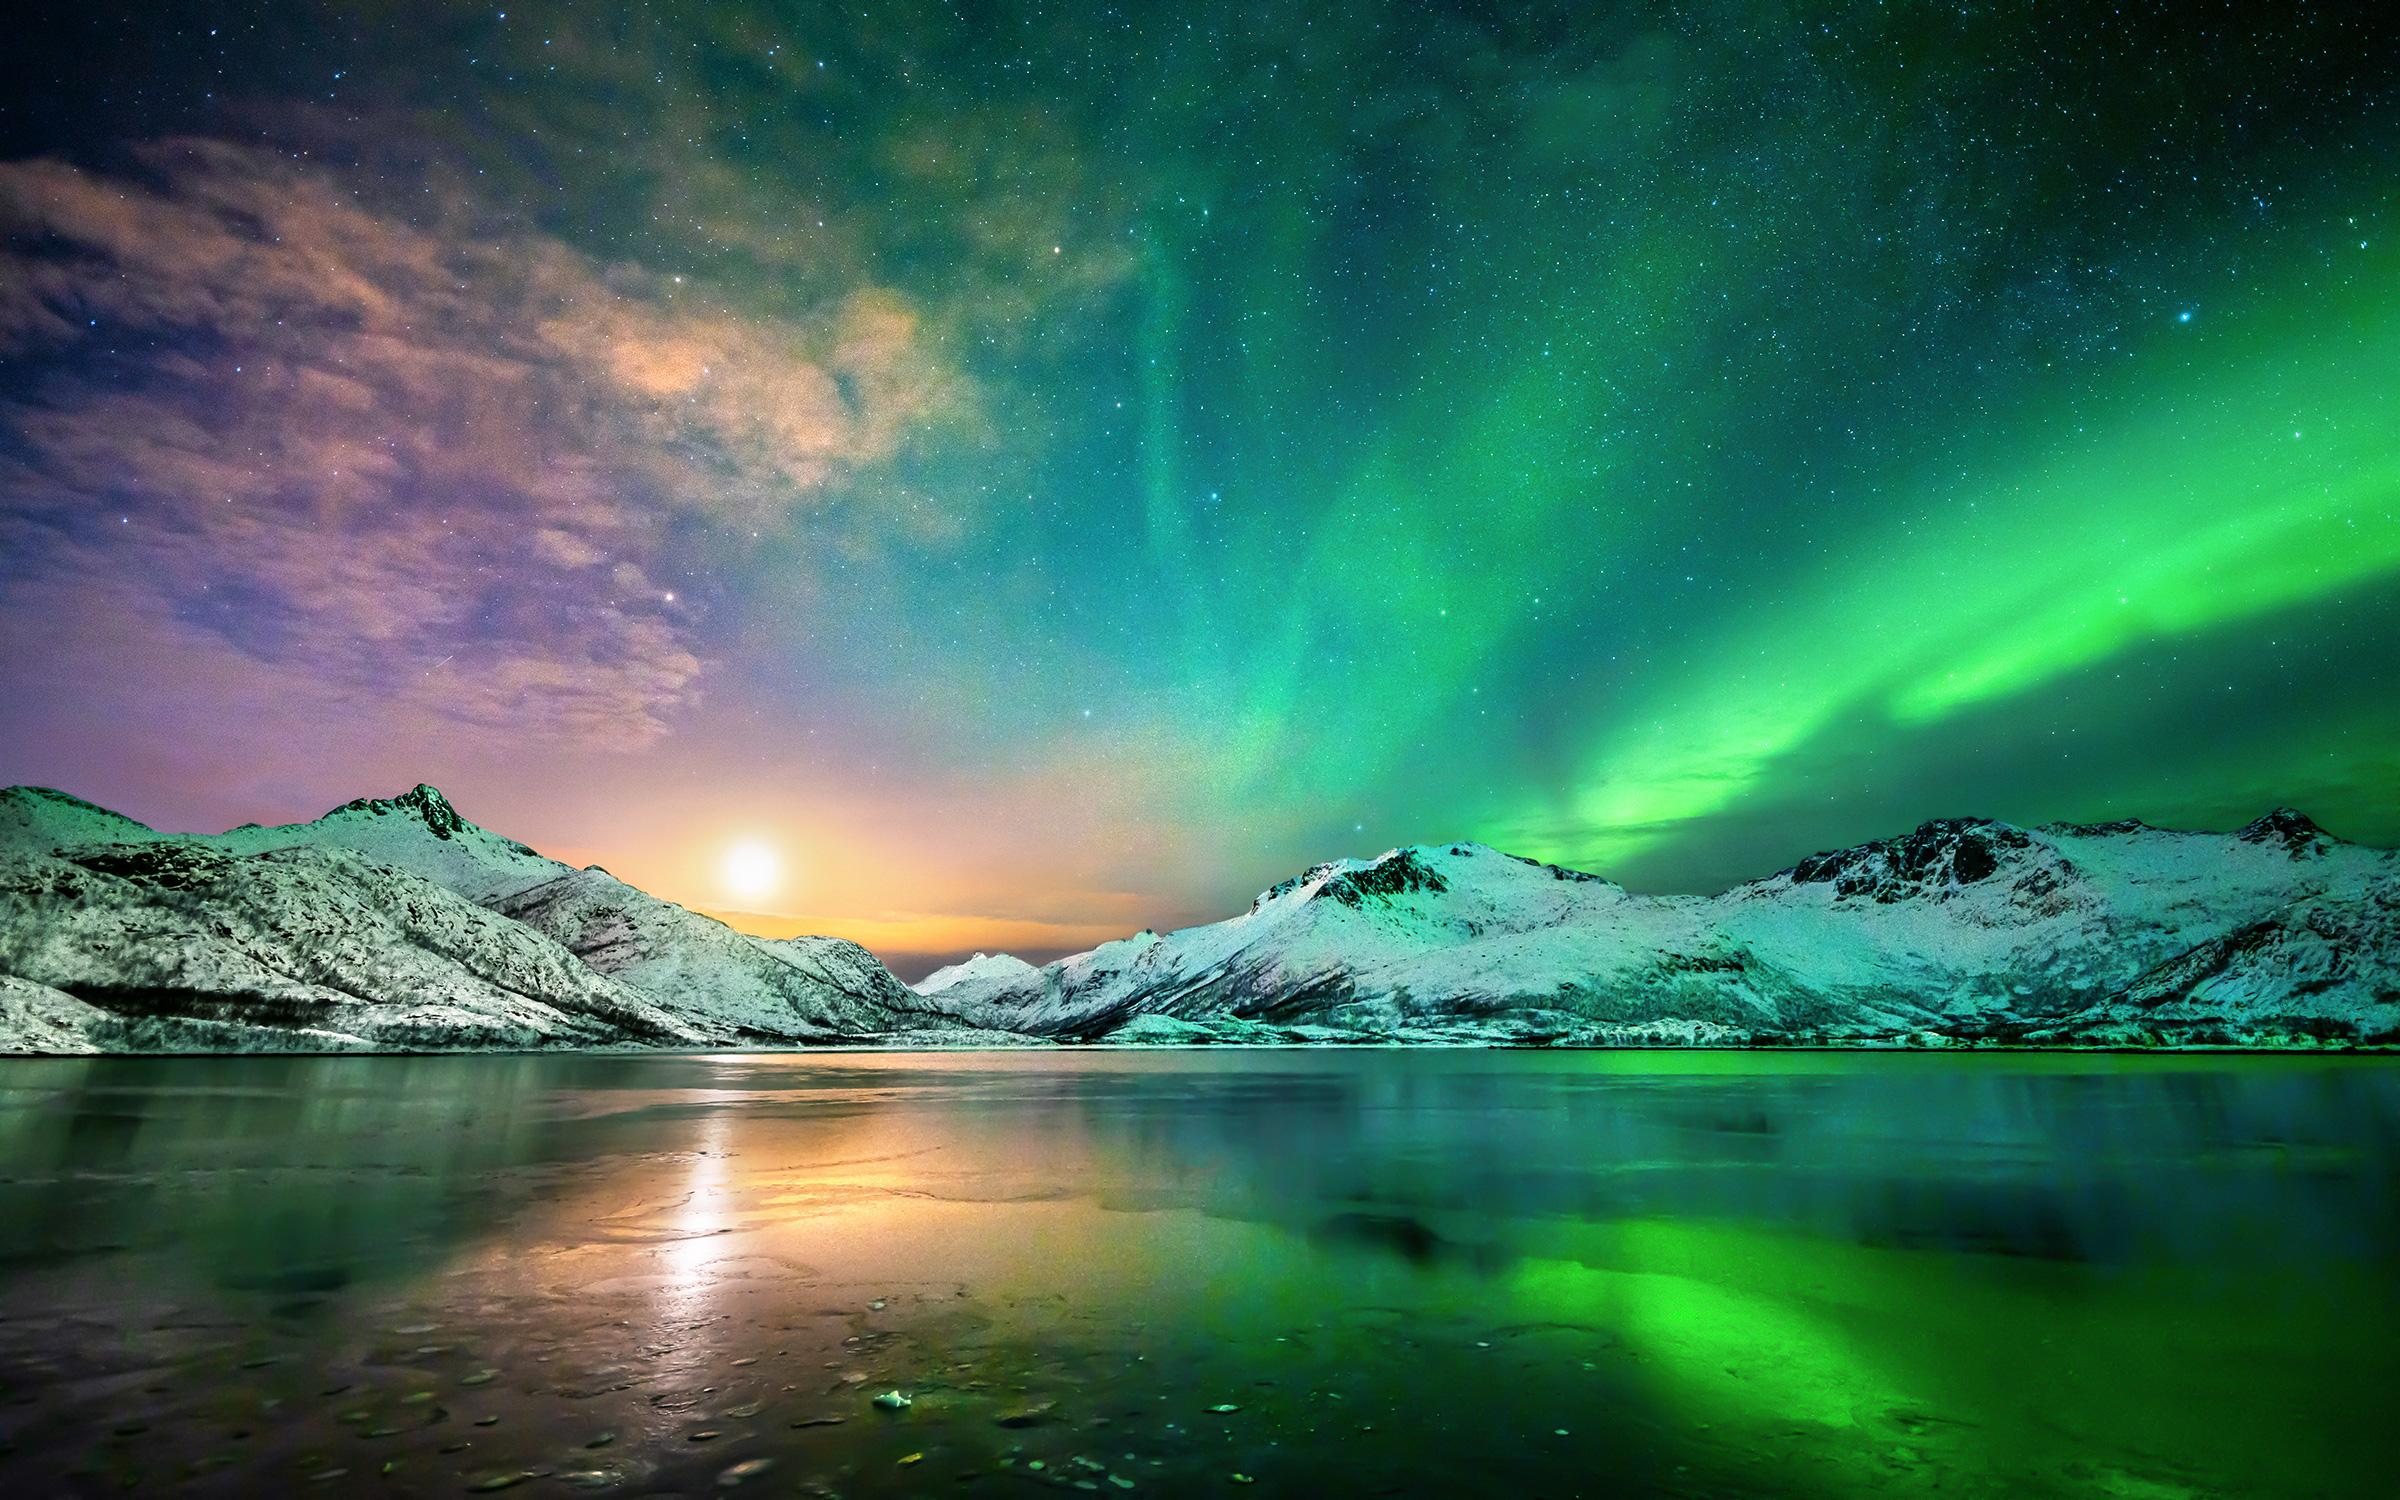 aurora_moon_website.jpg